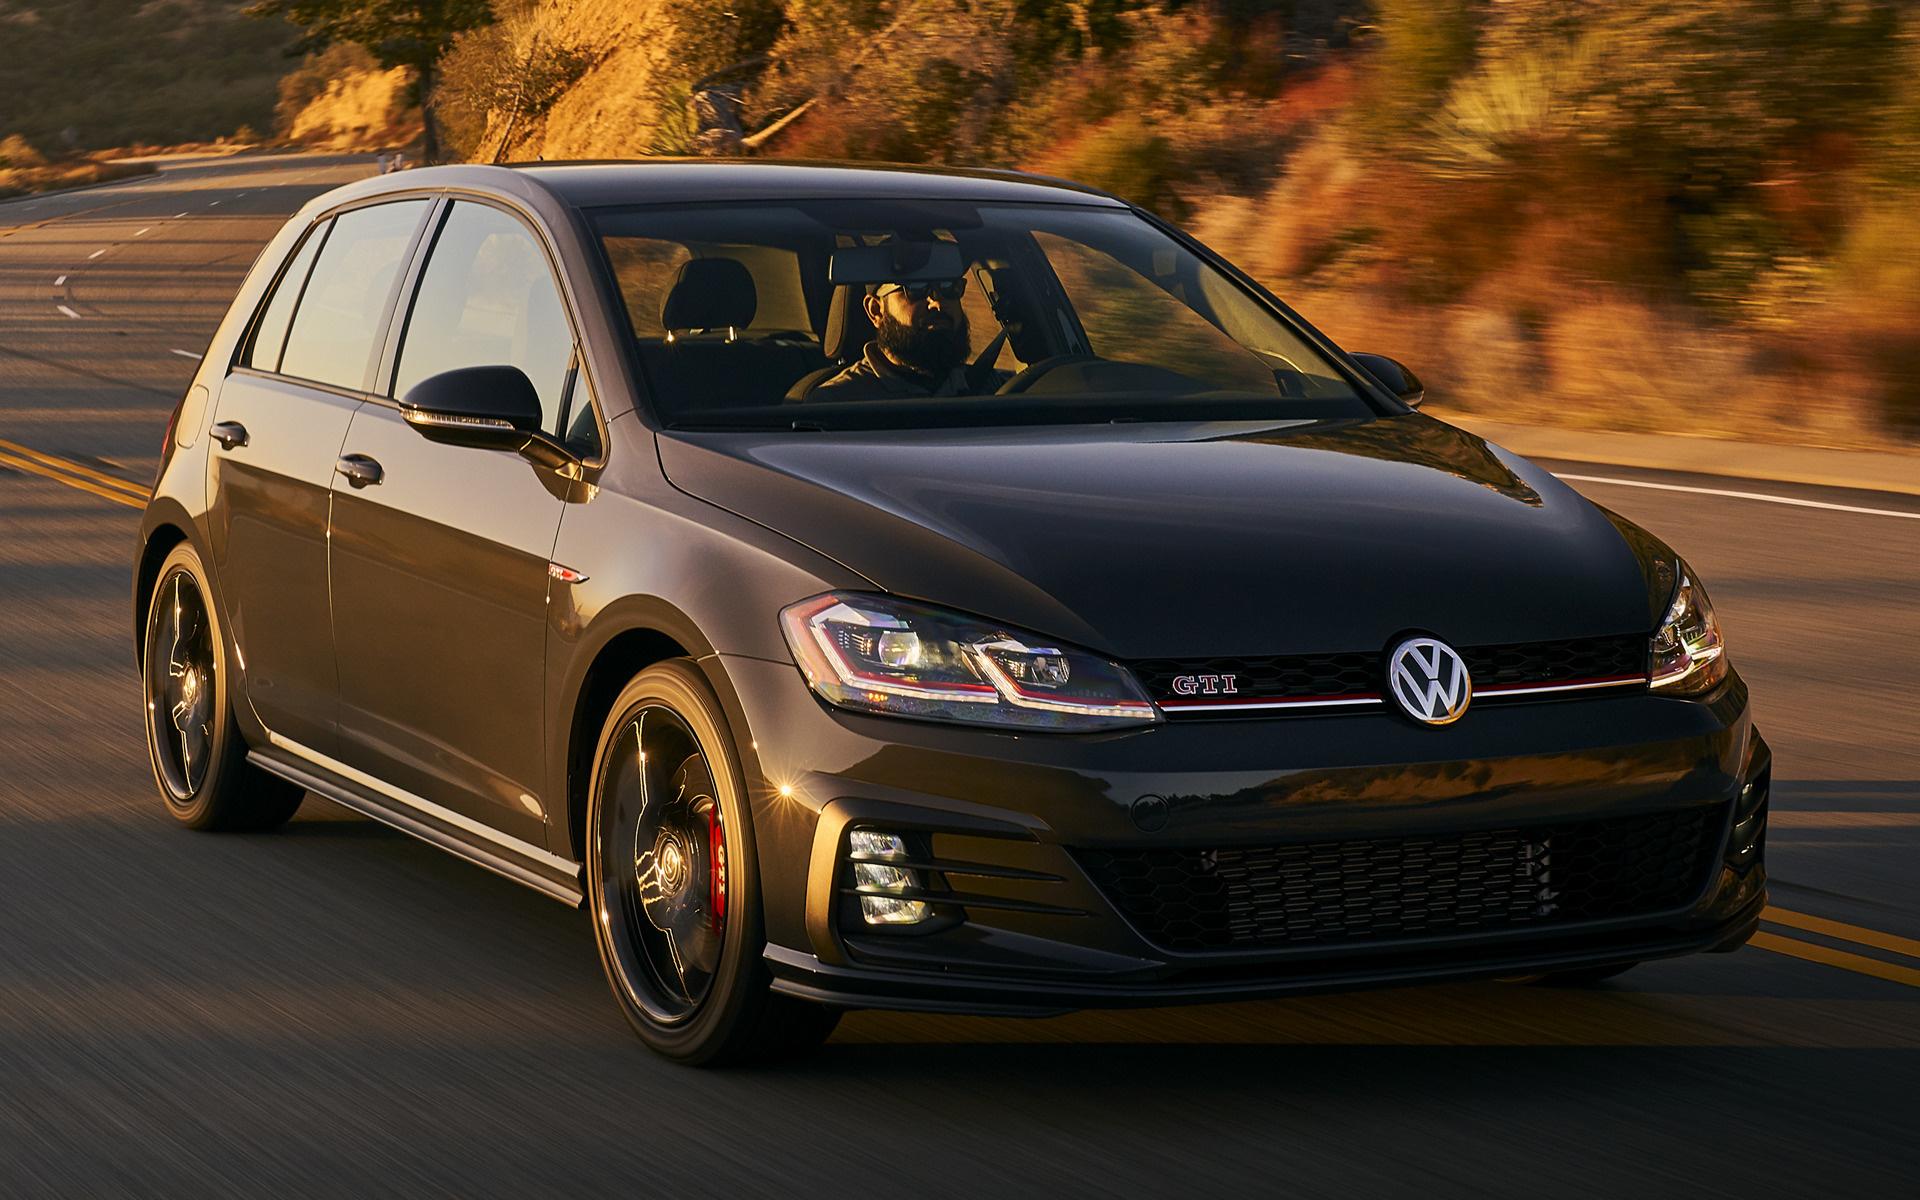 2019 Volkswagen Golf GTI Rabbit [5-door] (US) - Wallpapers ...